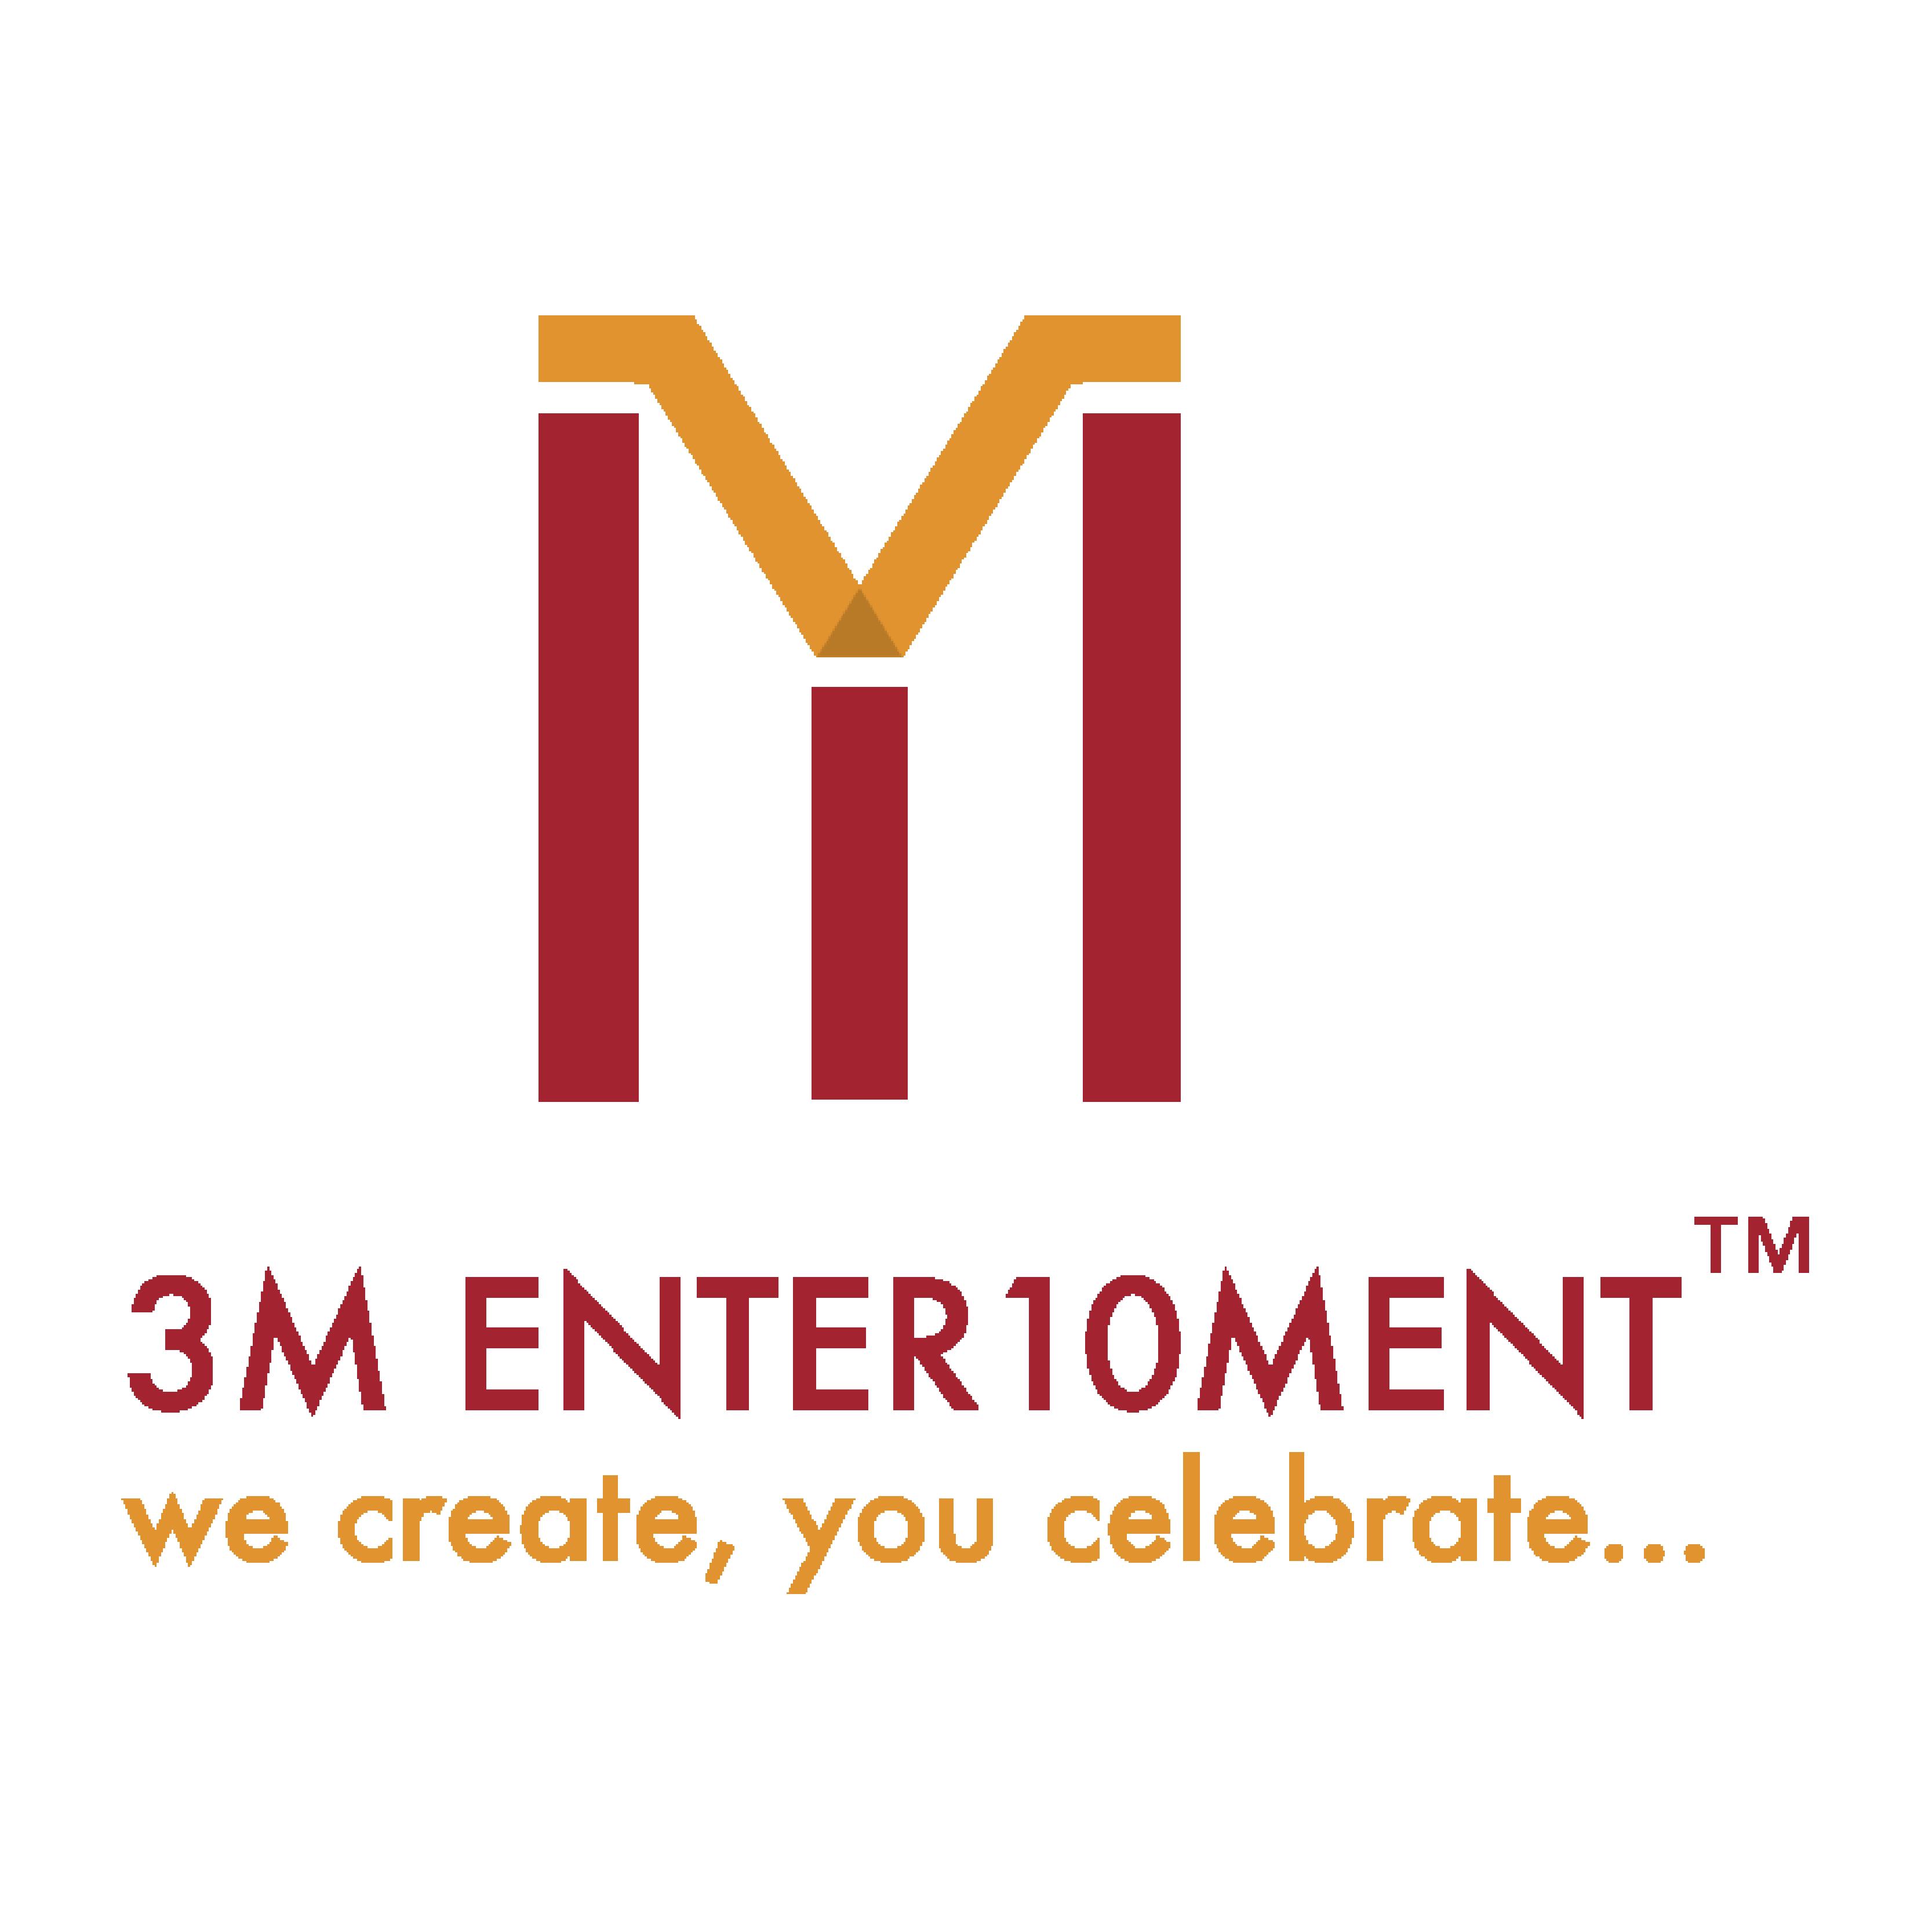 3M ENTER10MENT